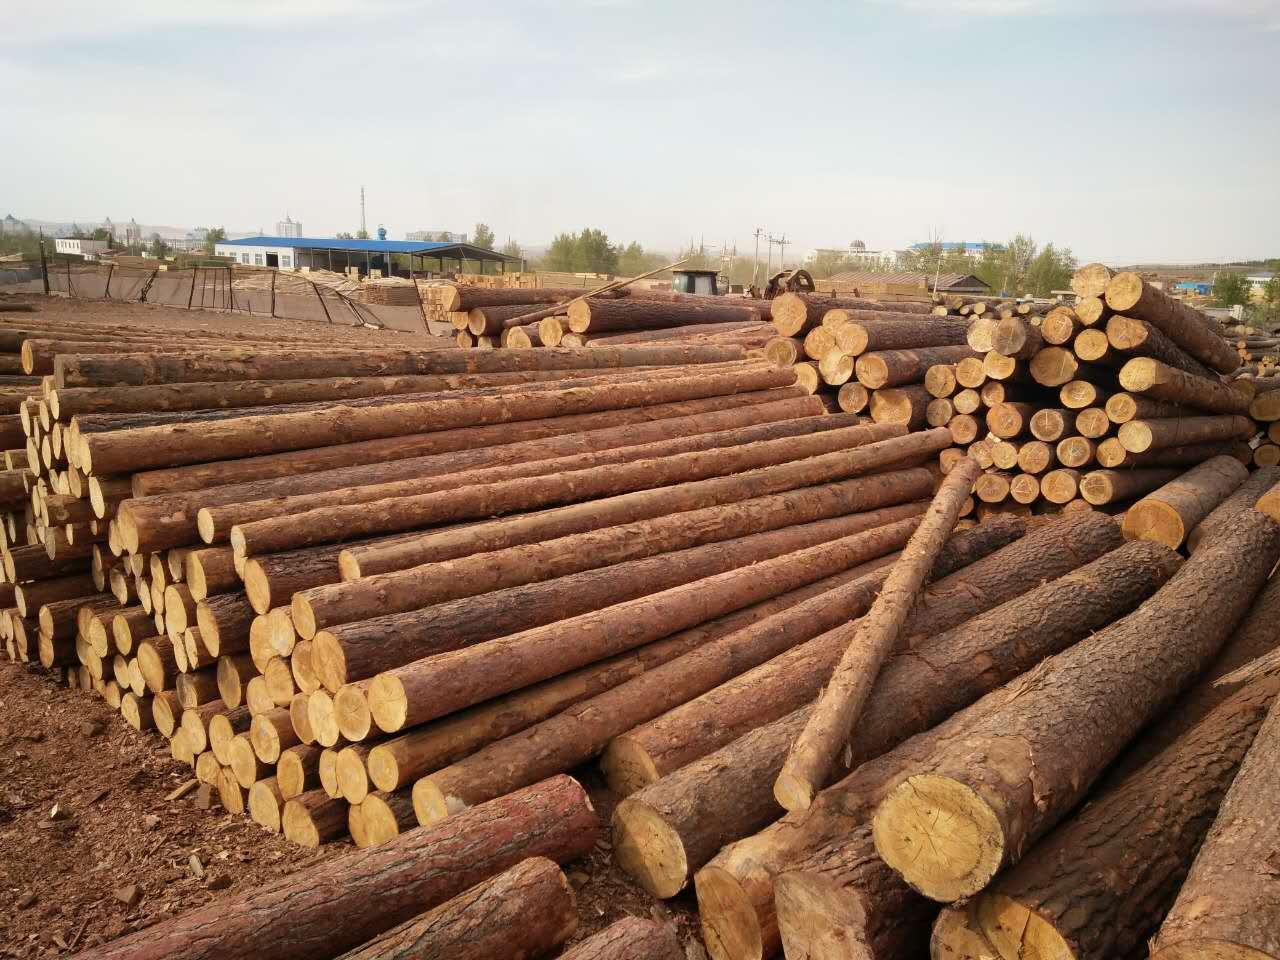 满洲里木材加工批发,俄罗斯樟子松原木,樟子松防腐木,满洲里志立木制品贸易有限公司